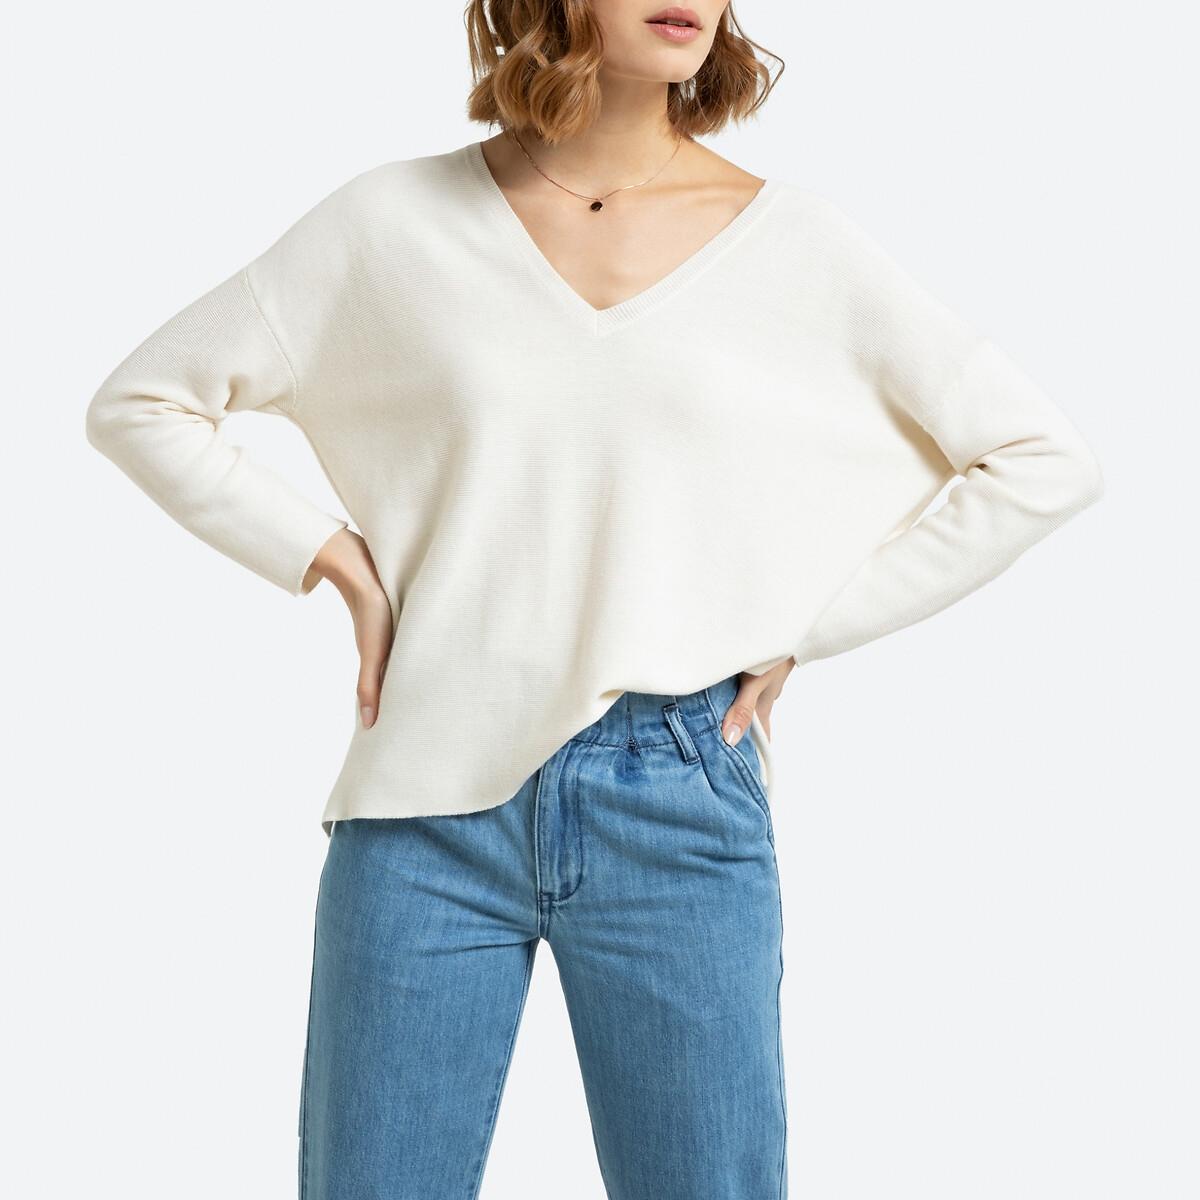 Фото - Пуловер La Redoute С V-образным вырезом из тонкого трикотажа XL белый пуловер la redoute с v образным вырезом из тонкого трикотажа florestine 2 m серый